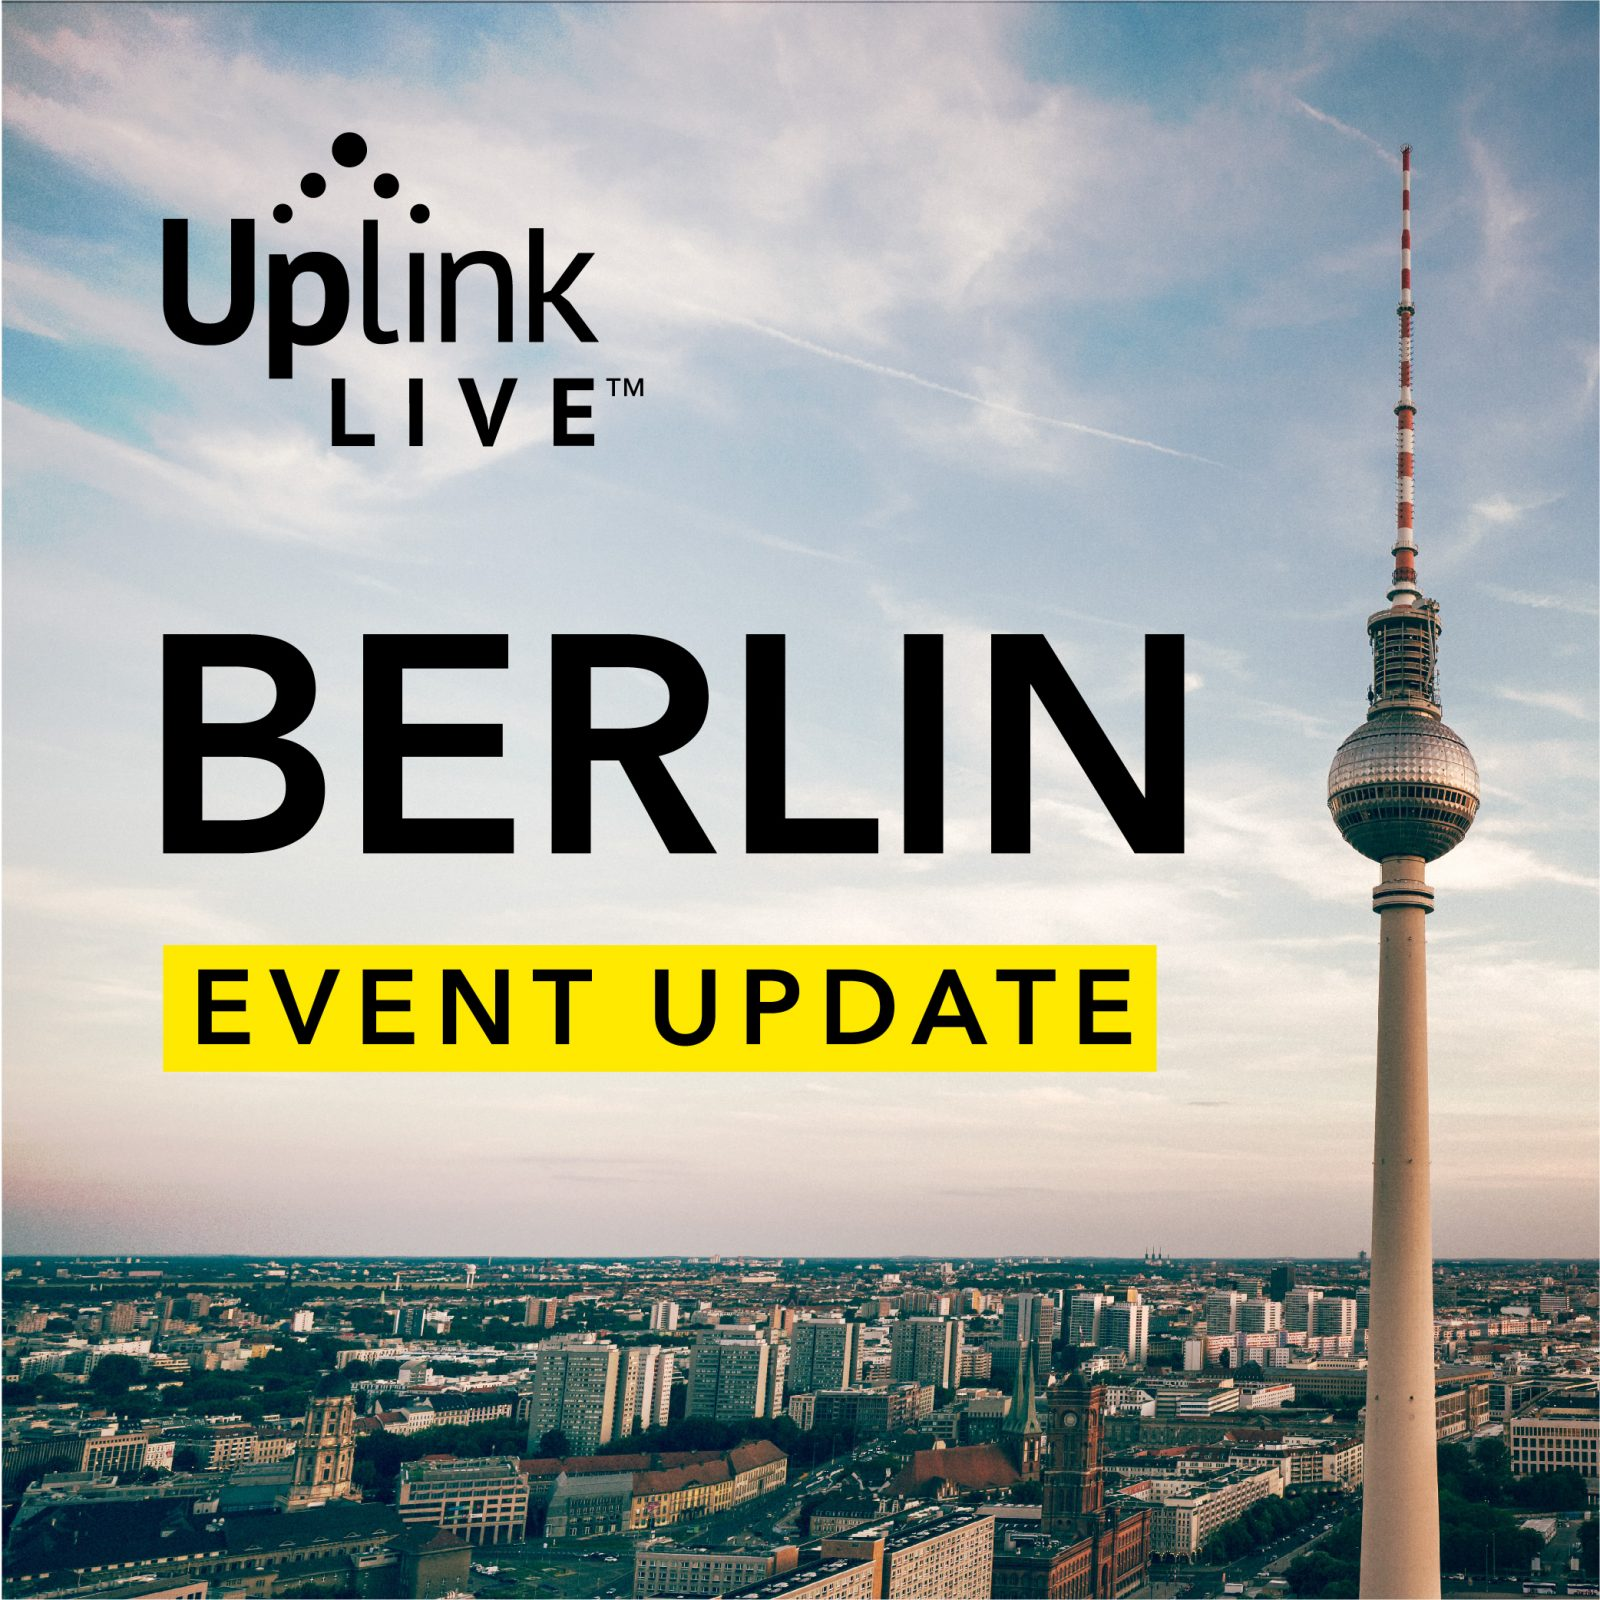 Uplink Live Berlin 2020 Health + Safety Update